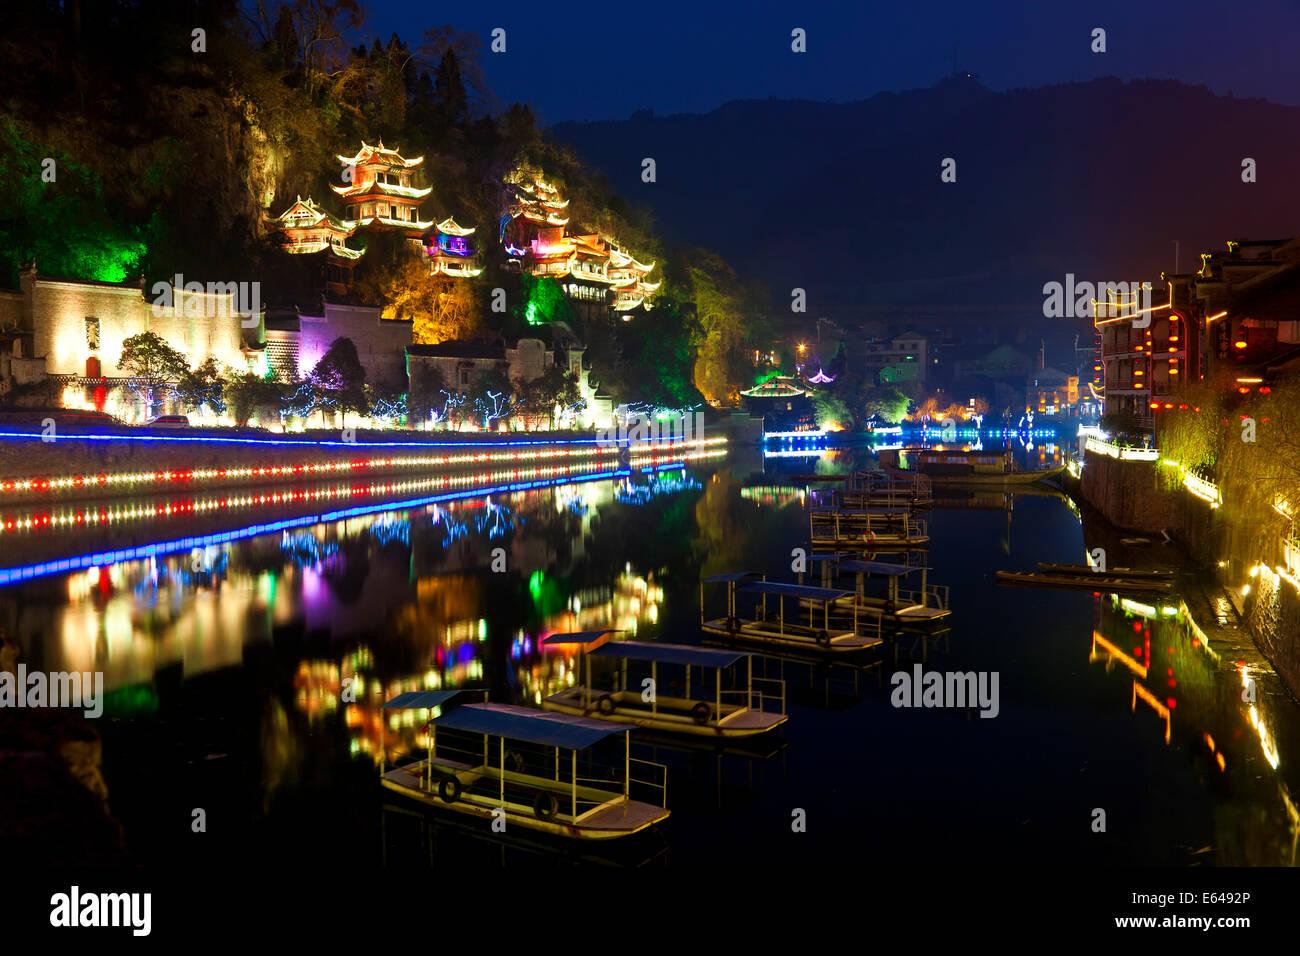 Al atardecer, iluminada Zhenyuan Zhenyuan, Guizhou, China Imagen De Stock